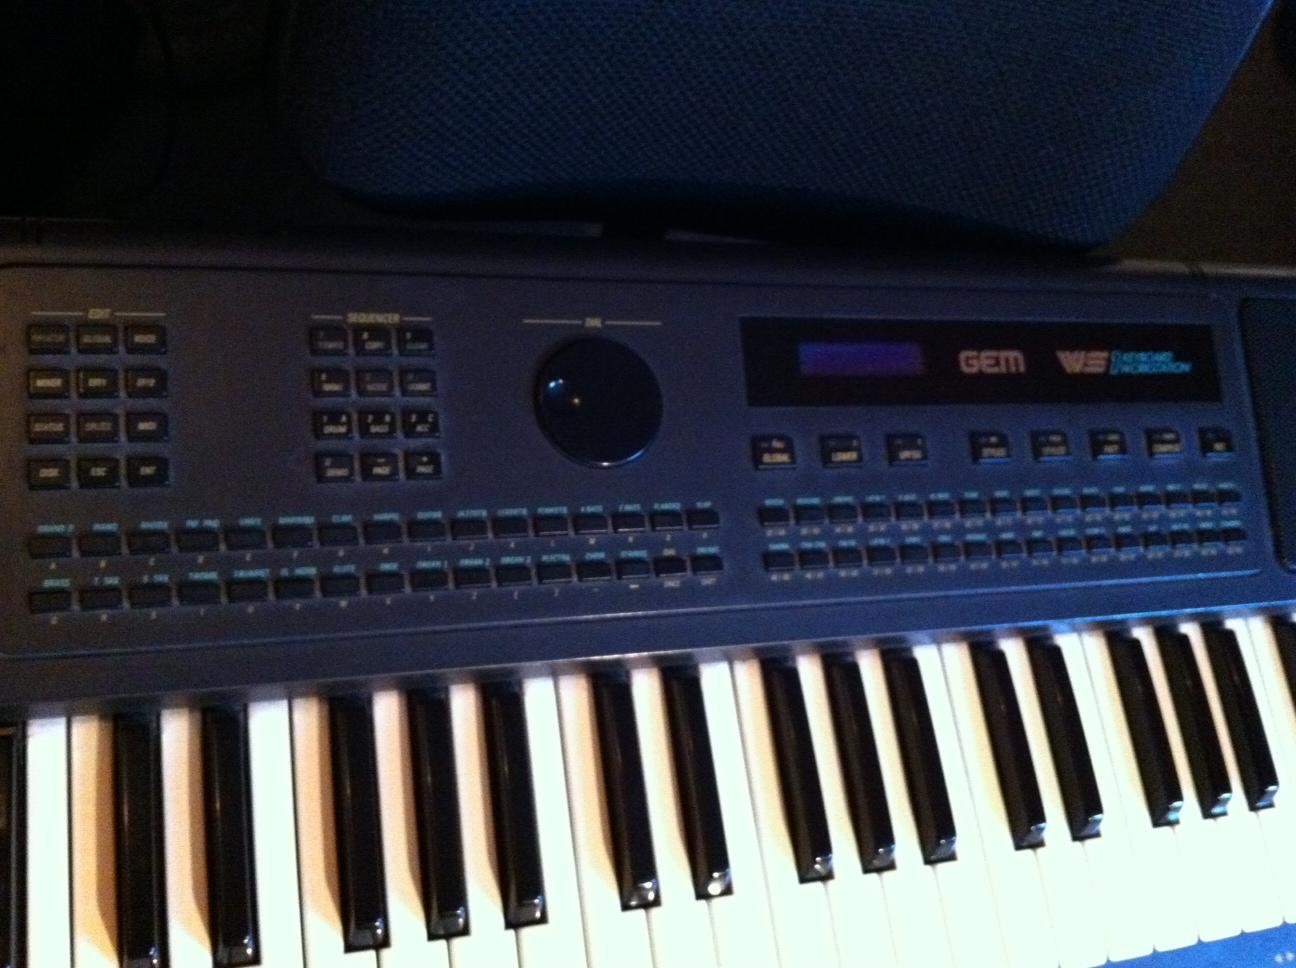 Gem Keyboard Workstation Ws1 : gem ws1 image 470933 audiofanzine ~ Hamham.info Haus und Dekorationen